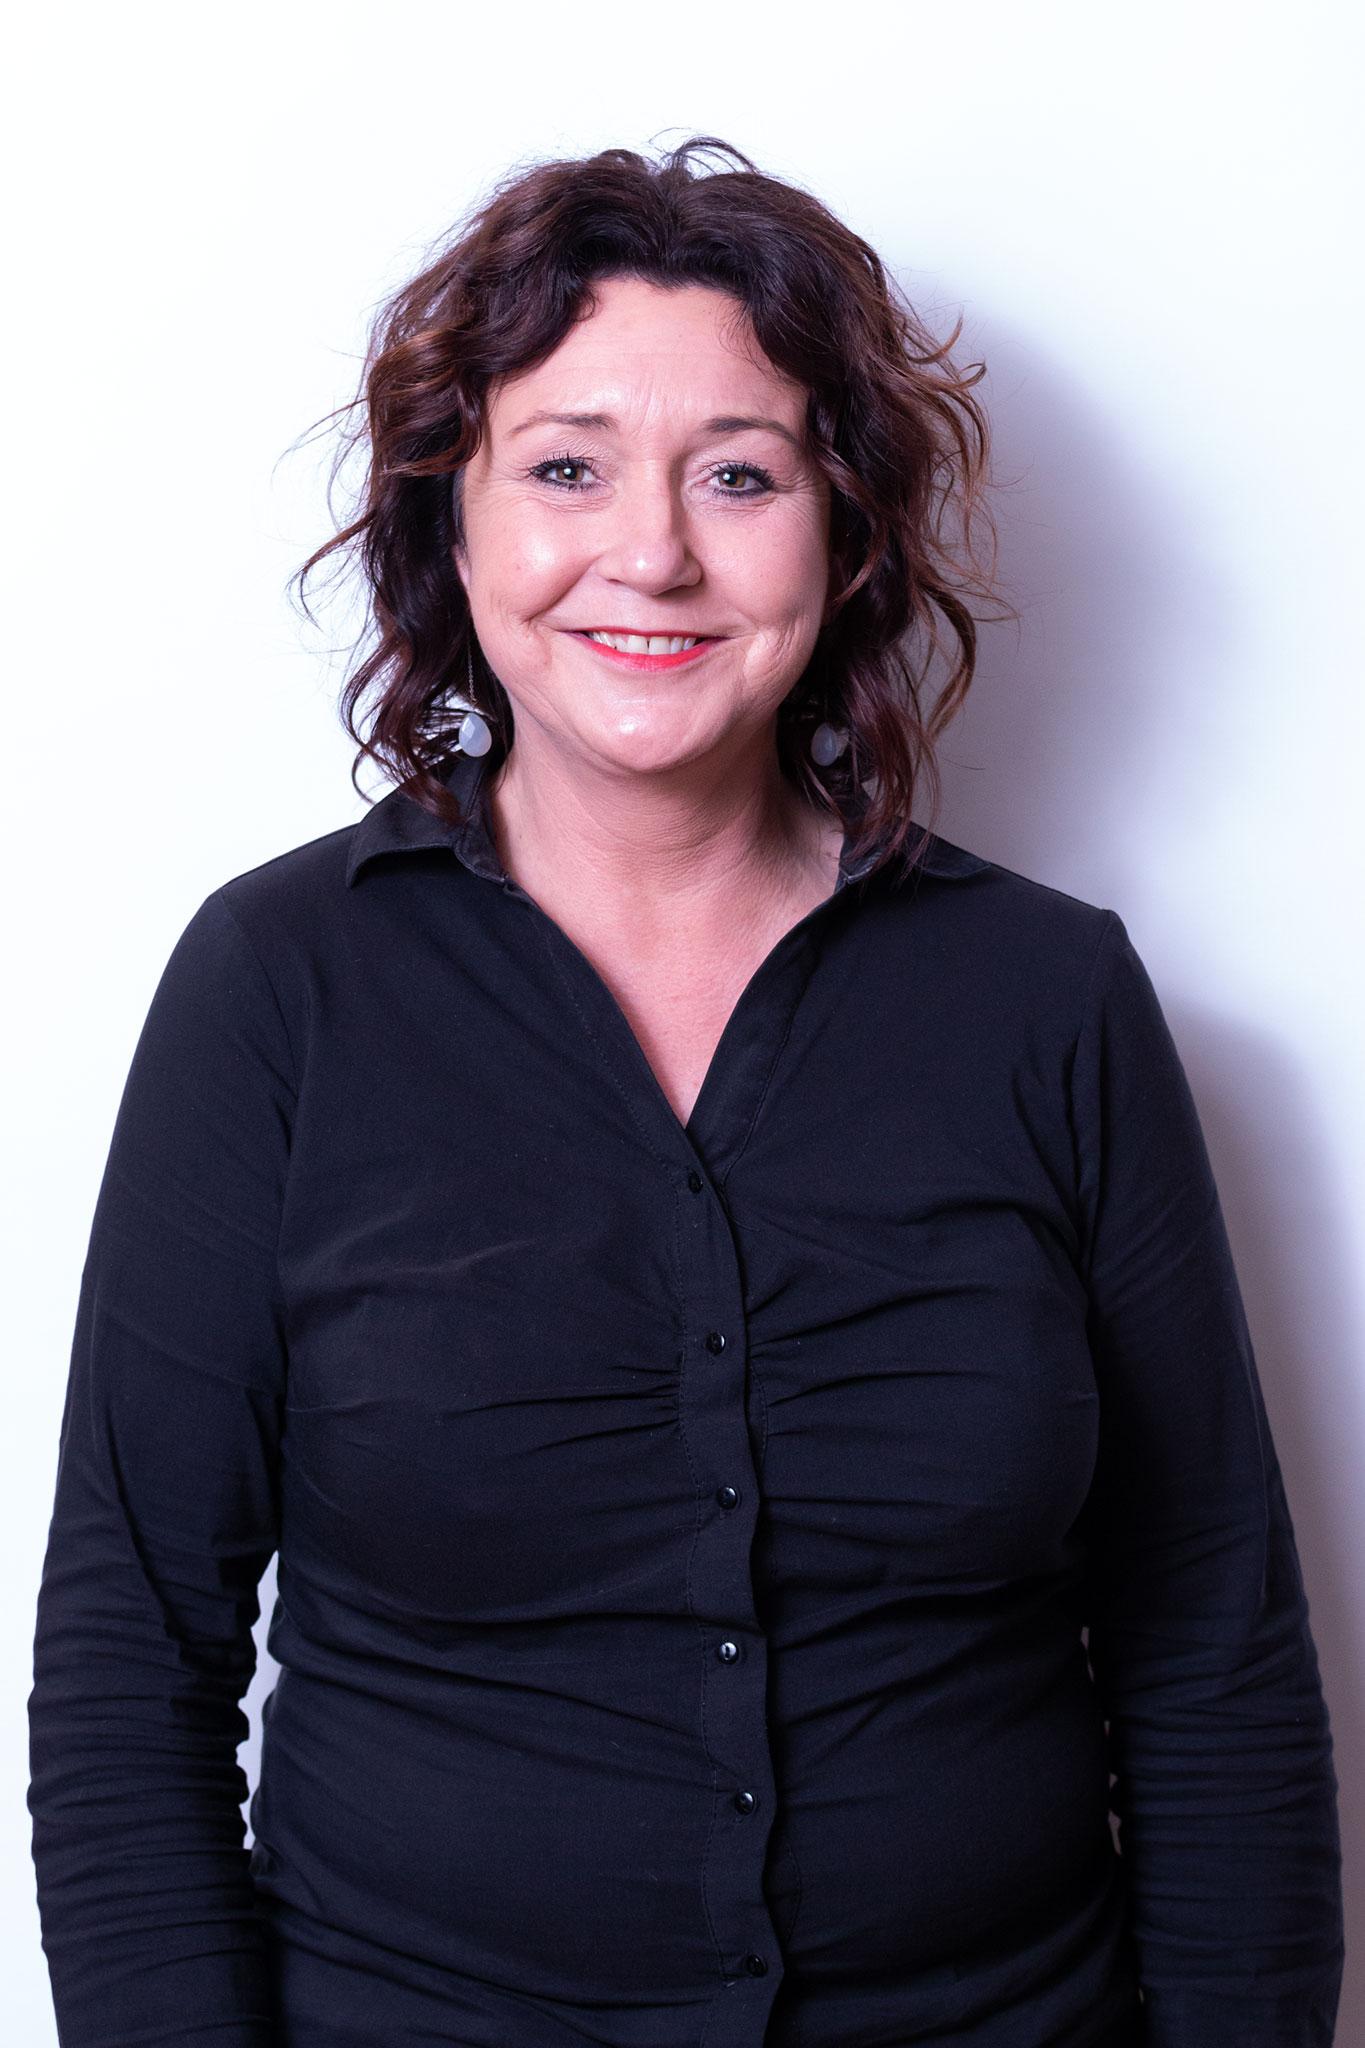 Babette - Kapper bij Haarverzorging Den Dolder Den Dolder